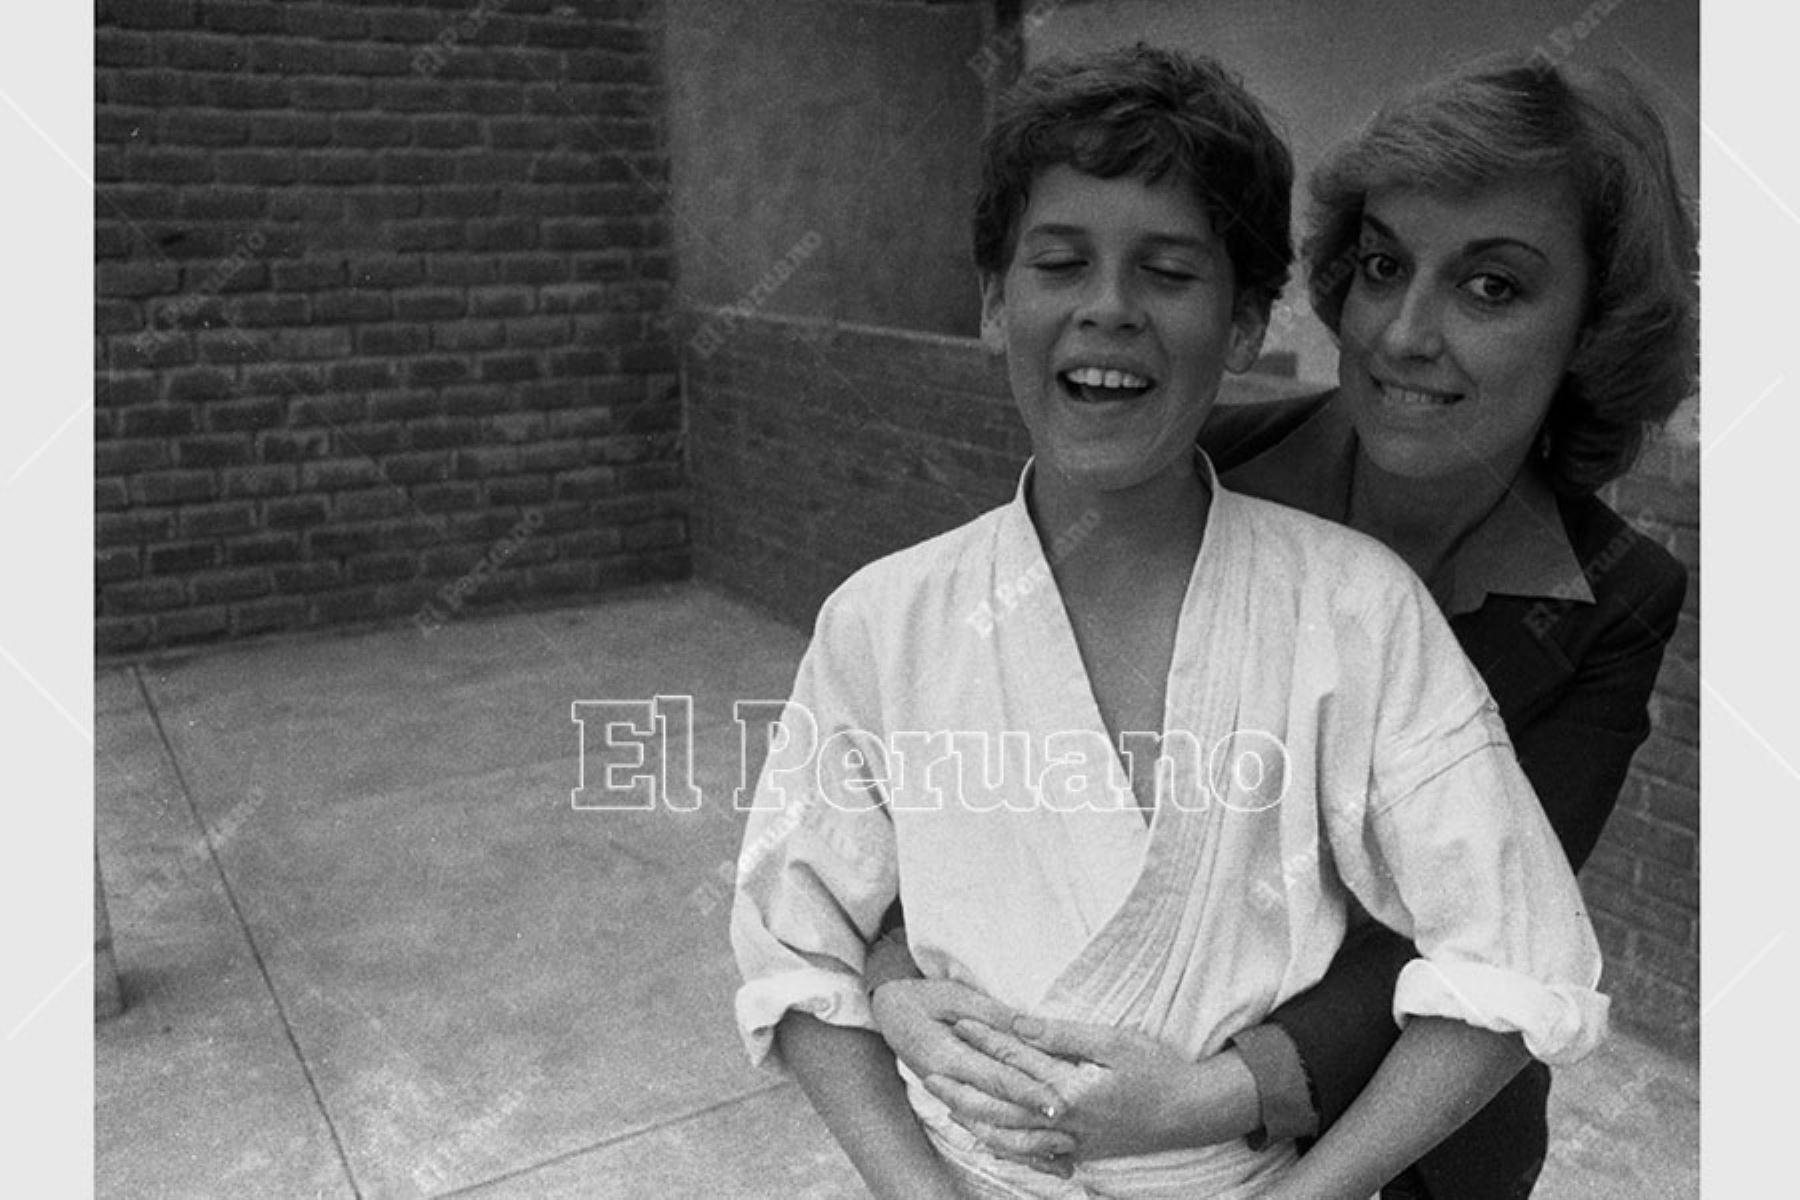 Lima - 23 setiembre 1983 / Regina Alcóver acompañada por su hijo Gian Marco Zignago.  Foto: Archivo Histórico de El Peruano / Leoncio Mariscal